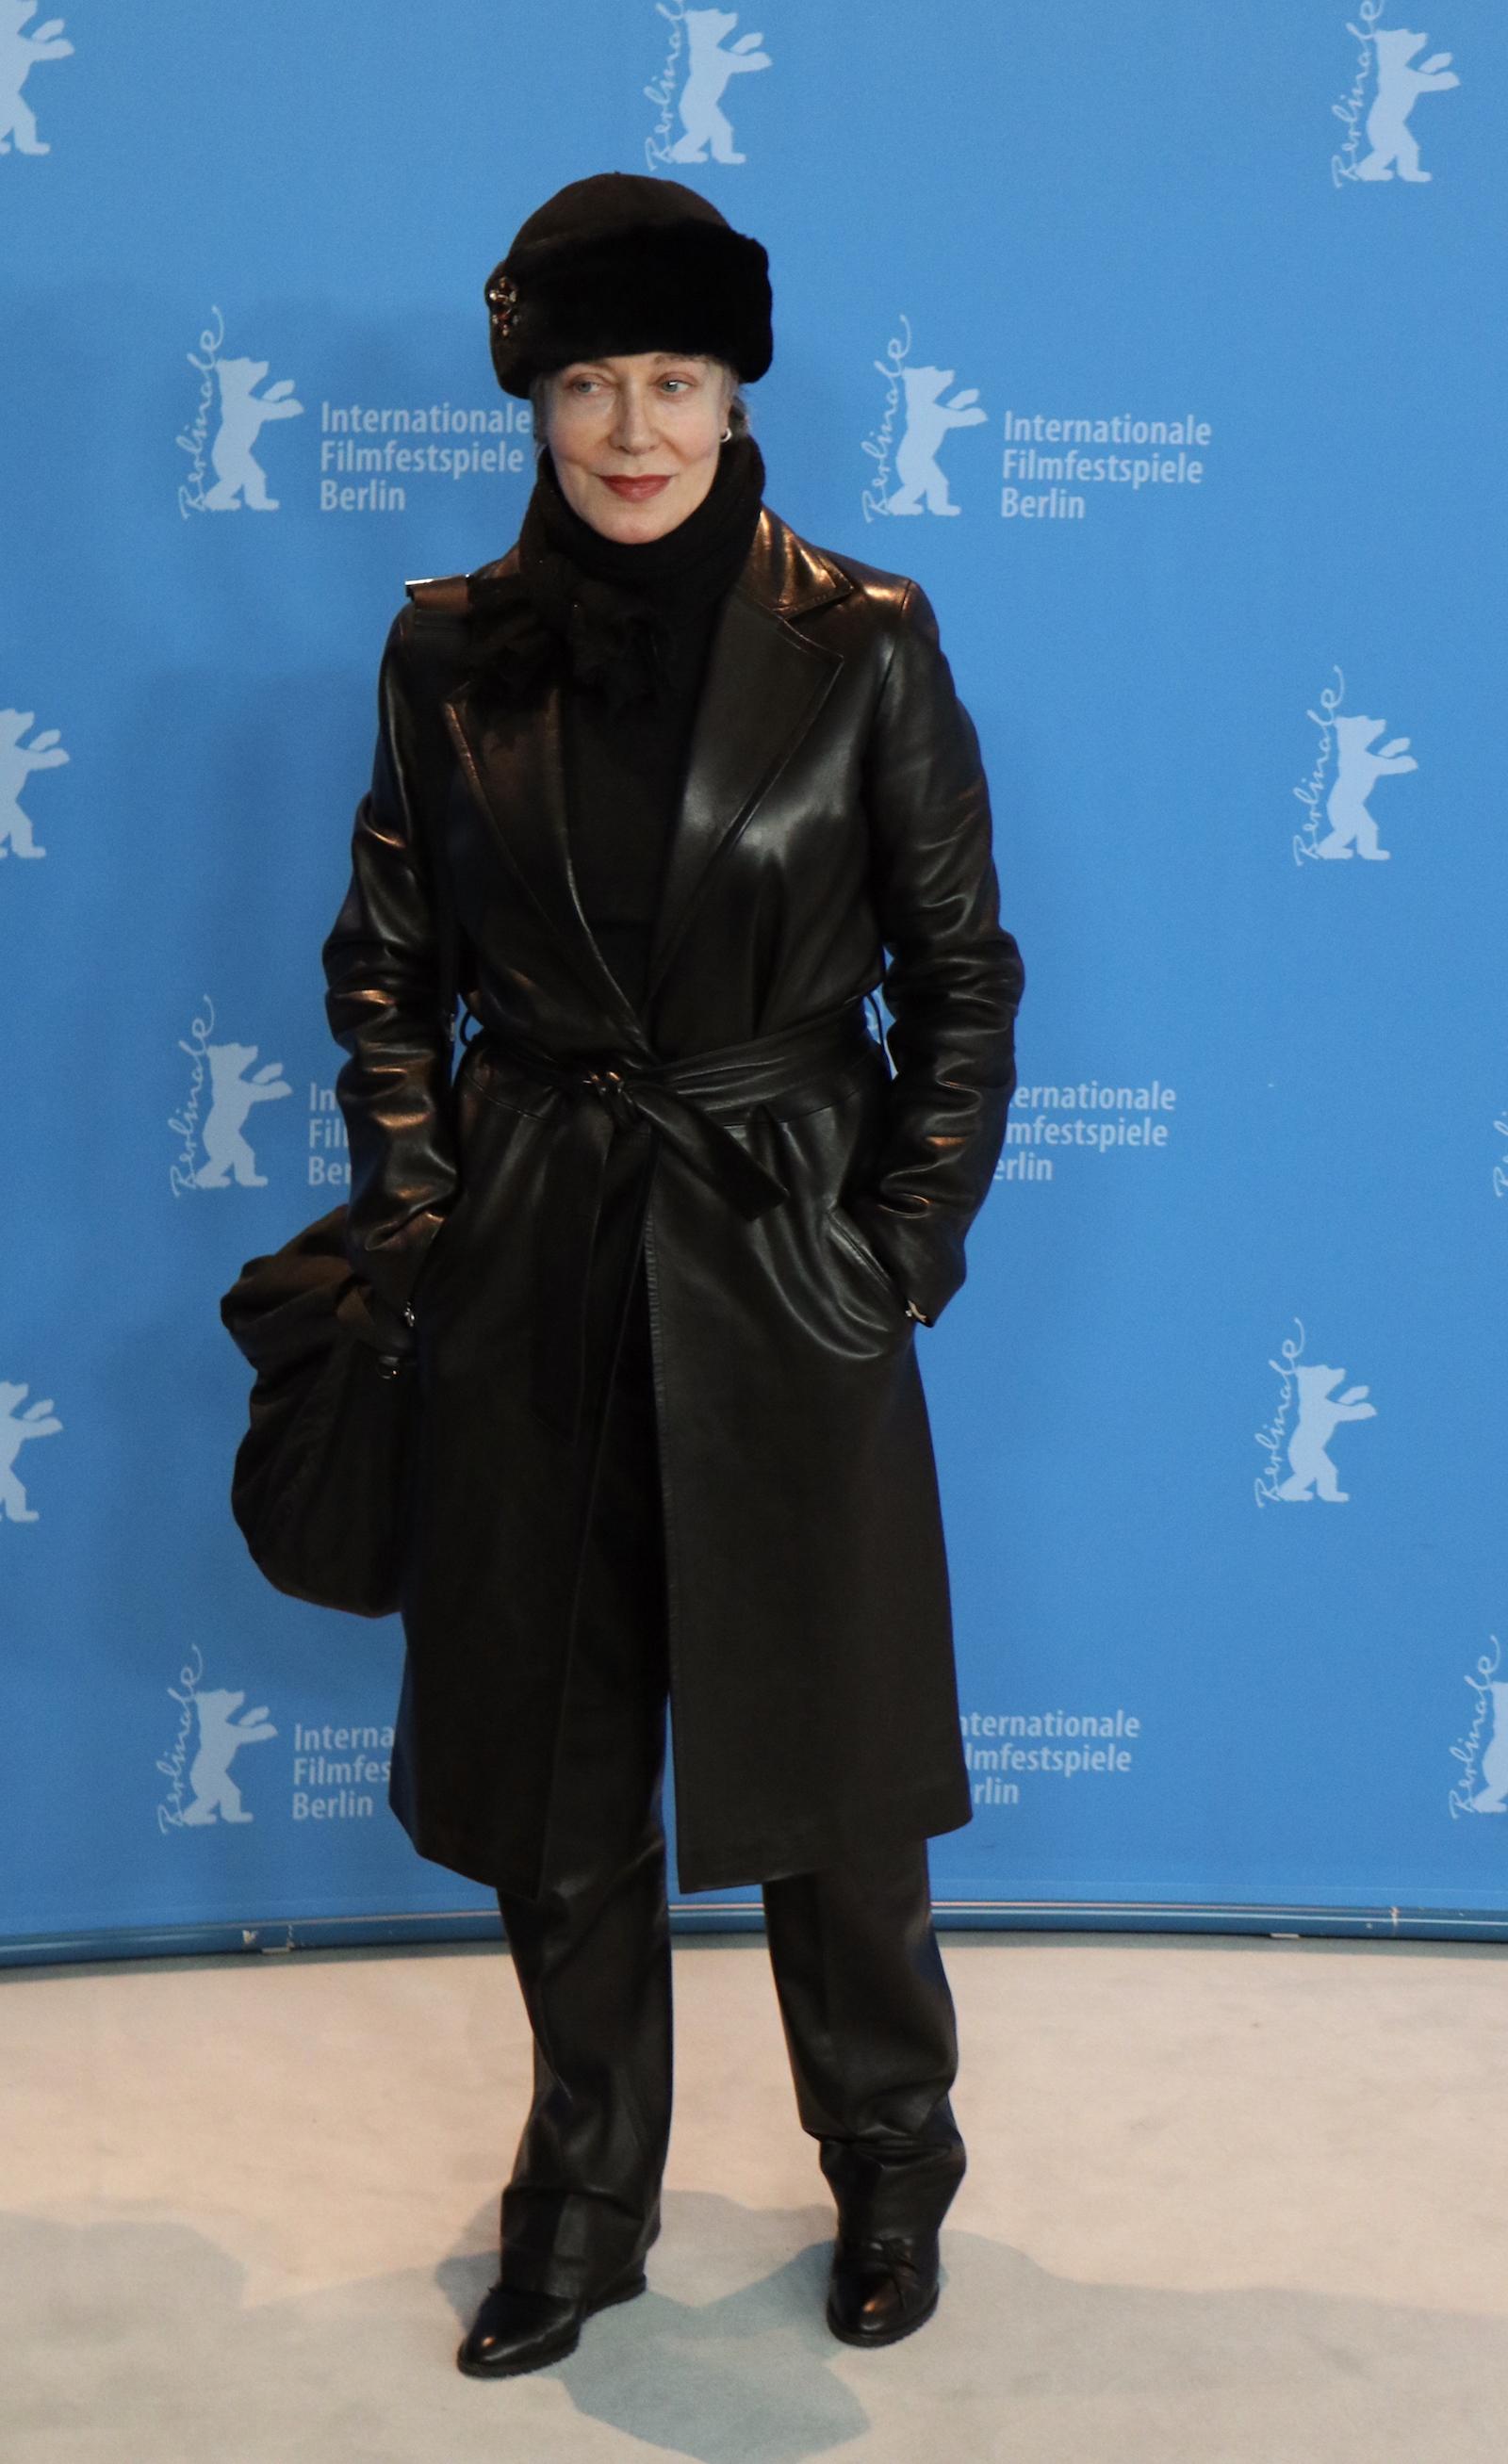 Berlino 2017: Milena Canonero al photocall